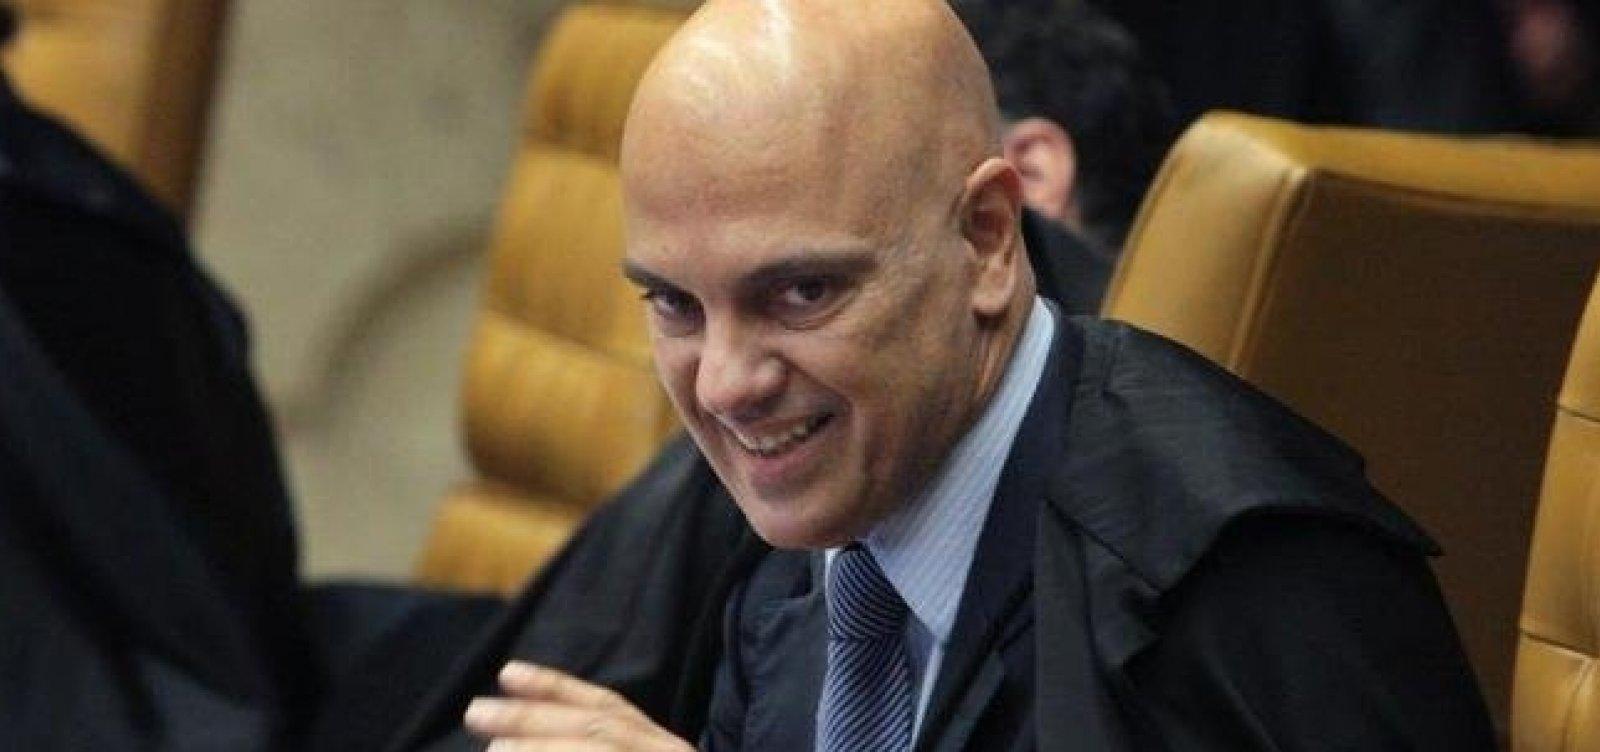 [Ministro do STF revoga decisão de censurar site e revista]